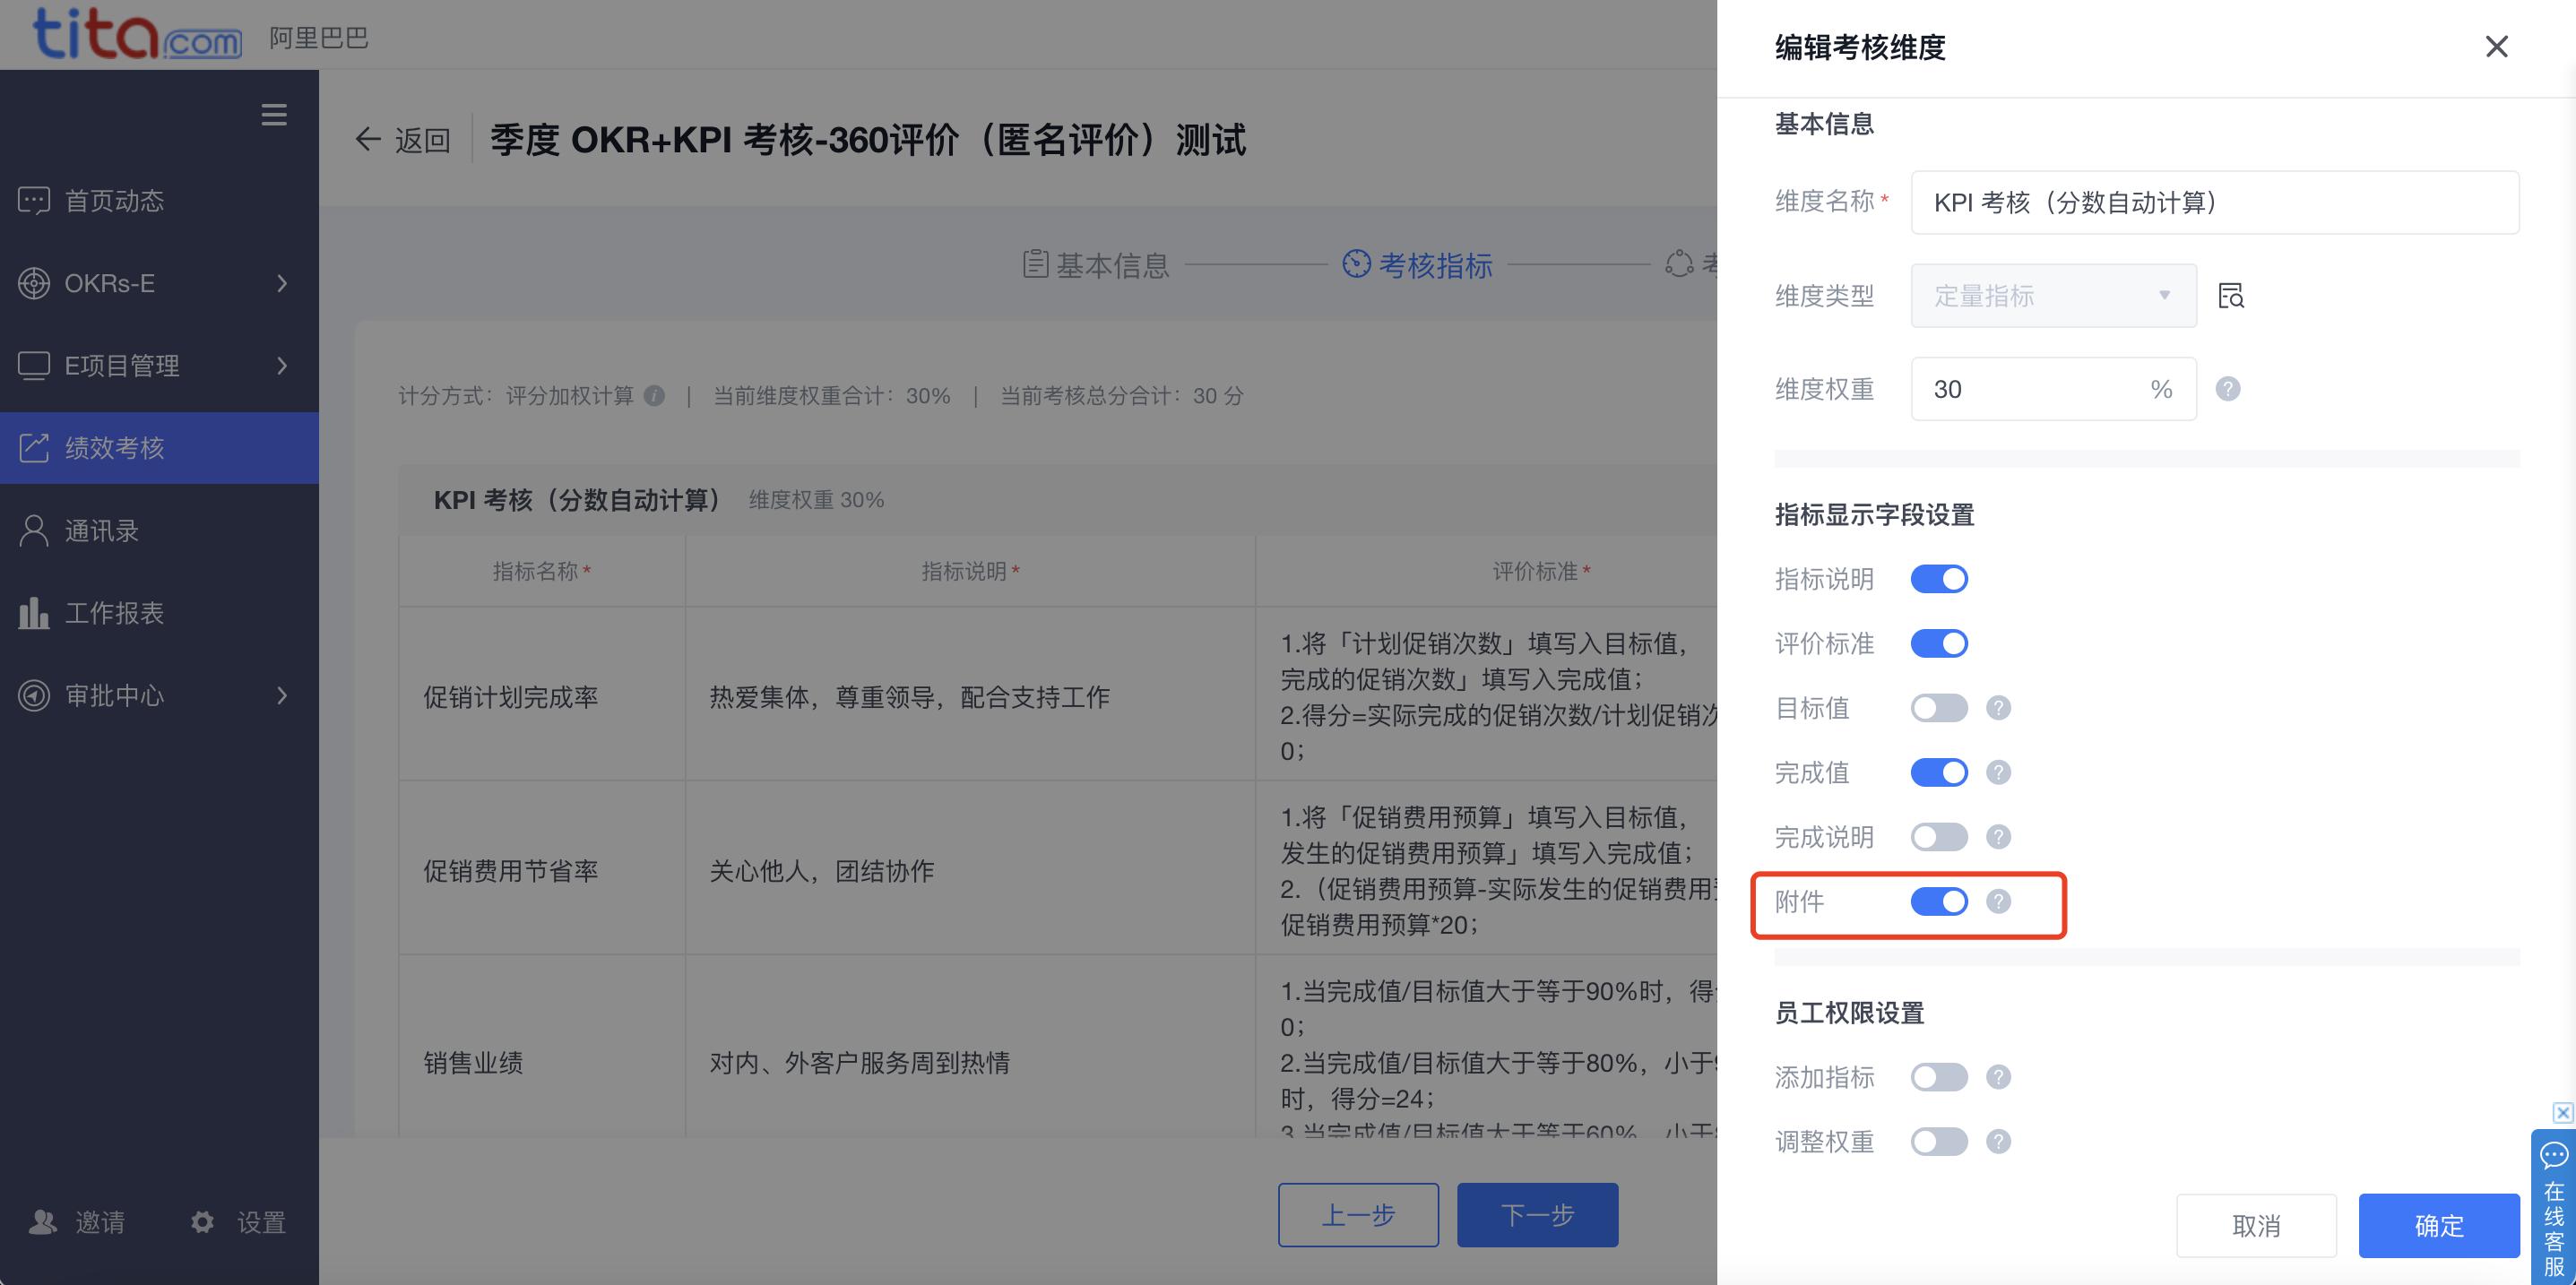 tita.com 升级 | 考核指标支持指定不同评价人